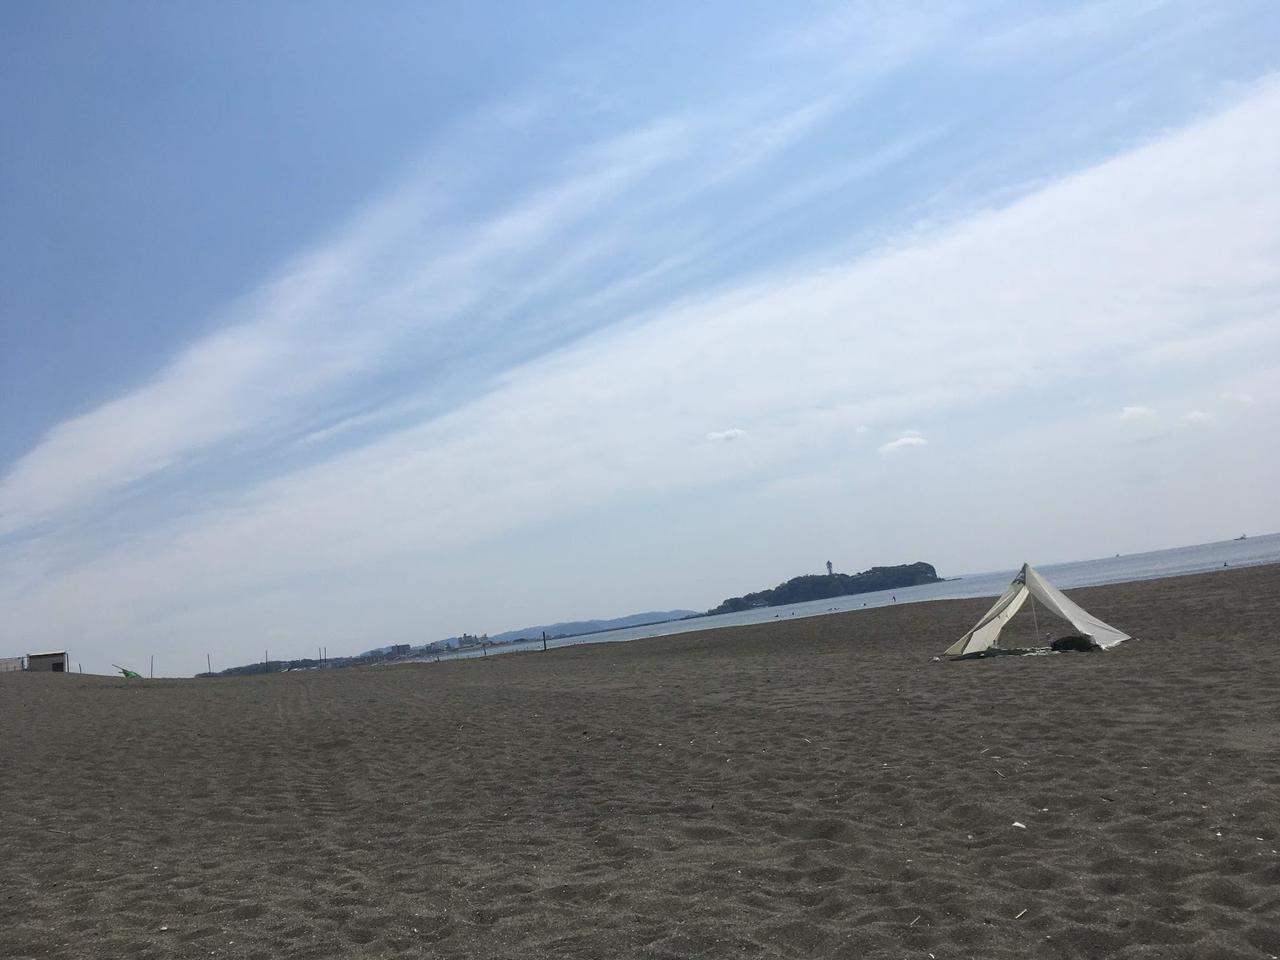 画像: 砂浜で海を眺めるソロデイキャンプ! 持ち物リストや浜辺にテントを張る方法を紹介! - ハピキャン(HAPPY CAMPER)